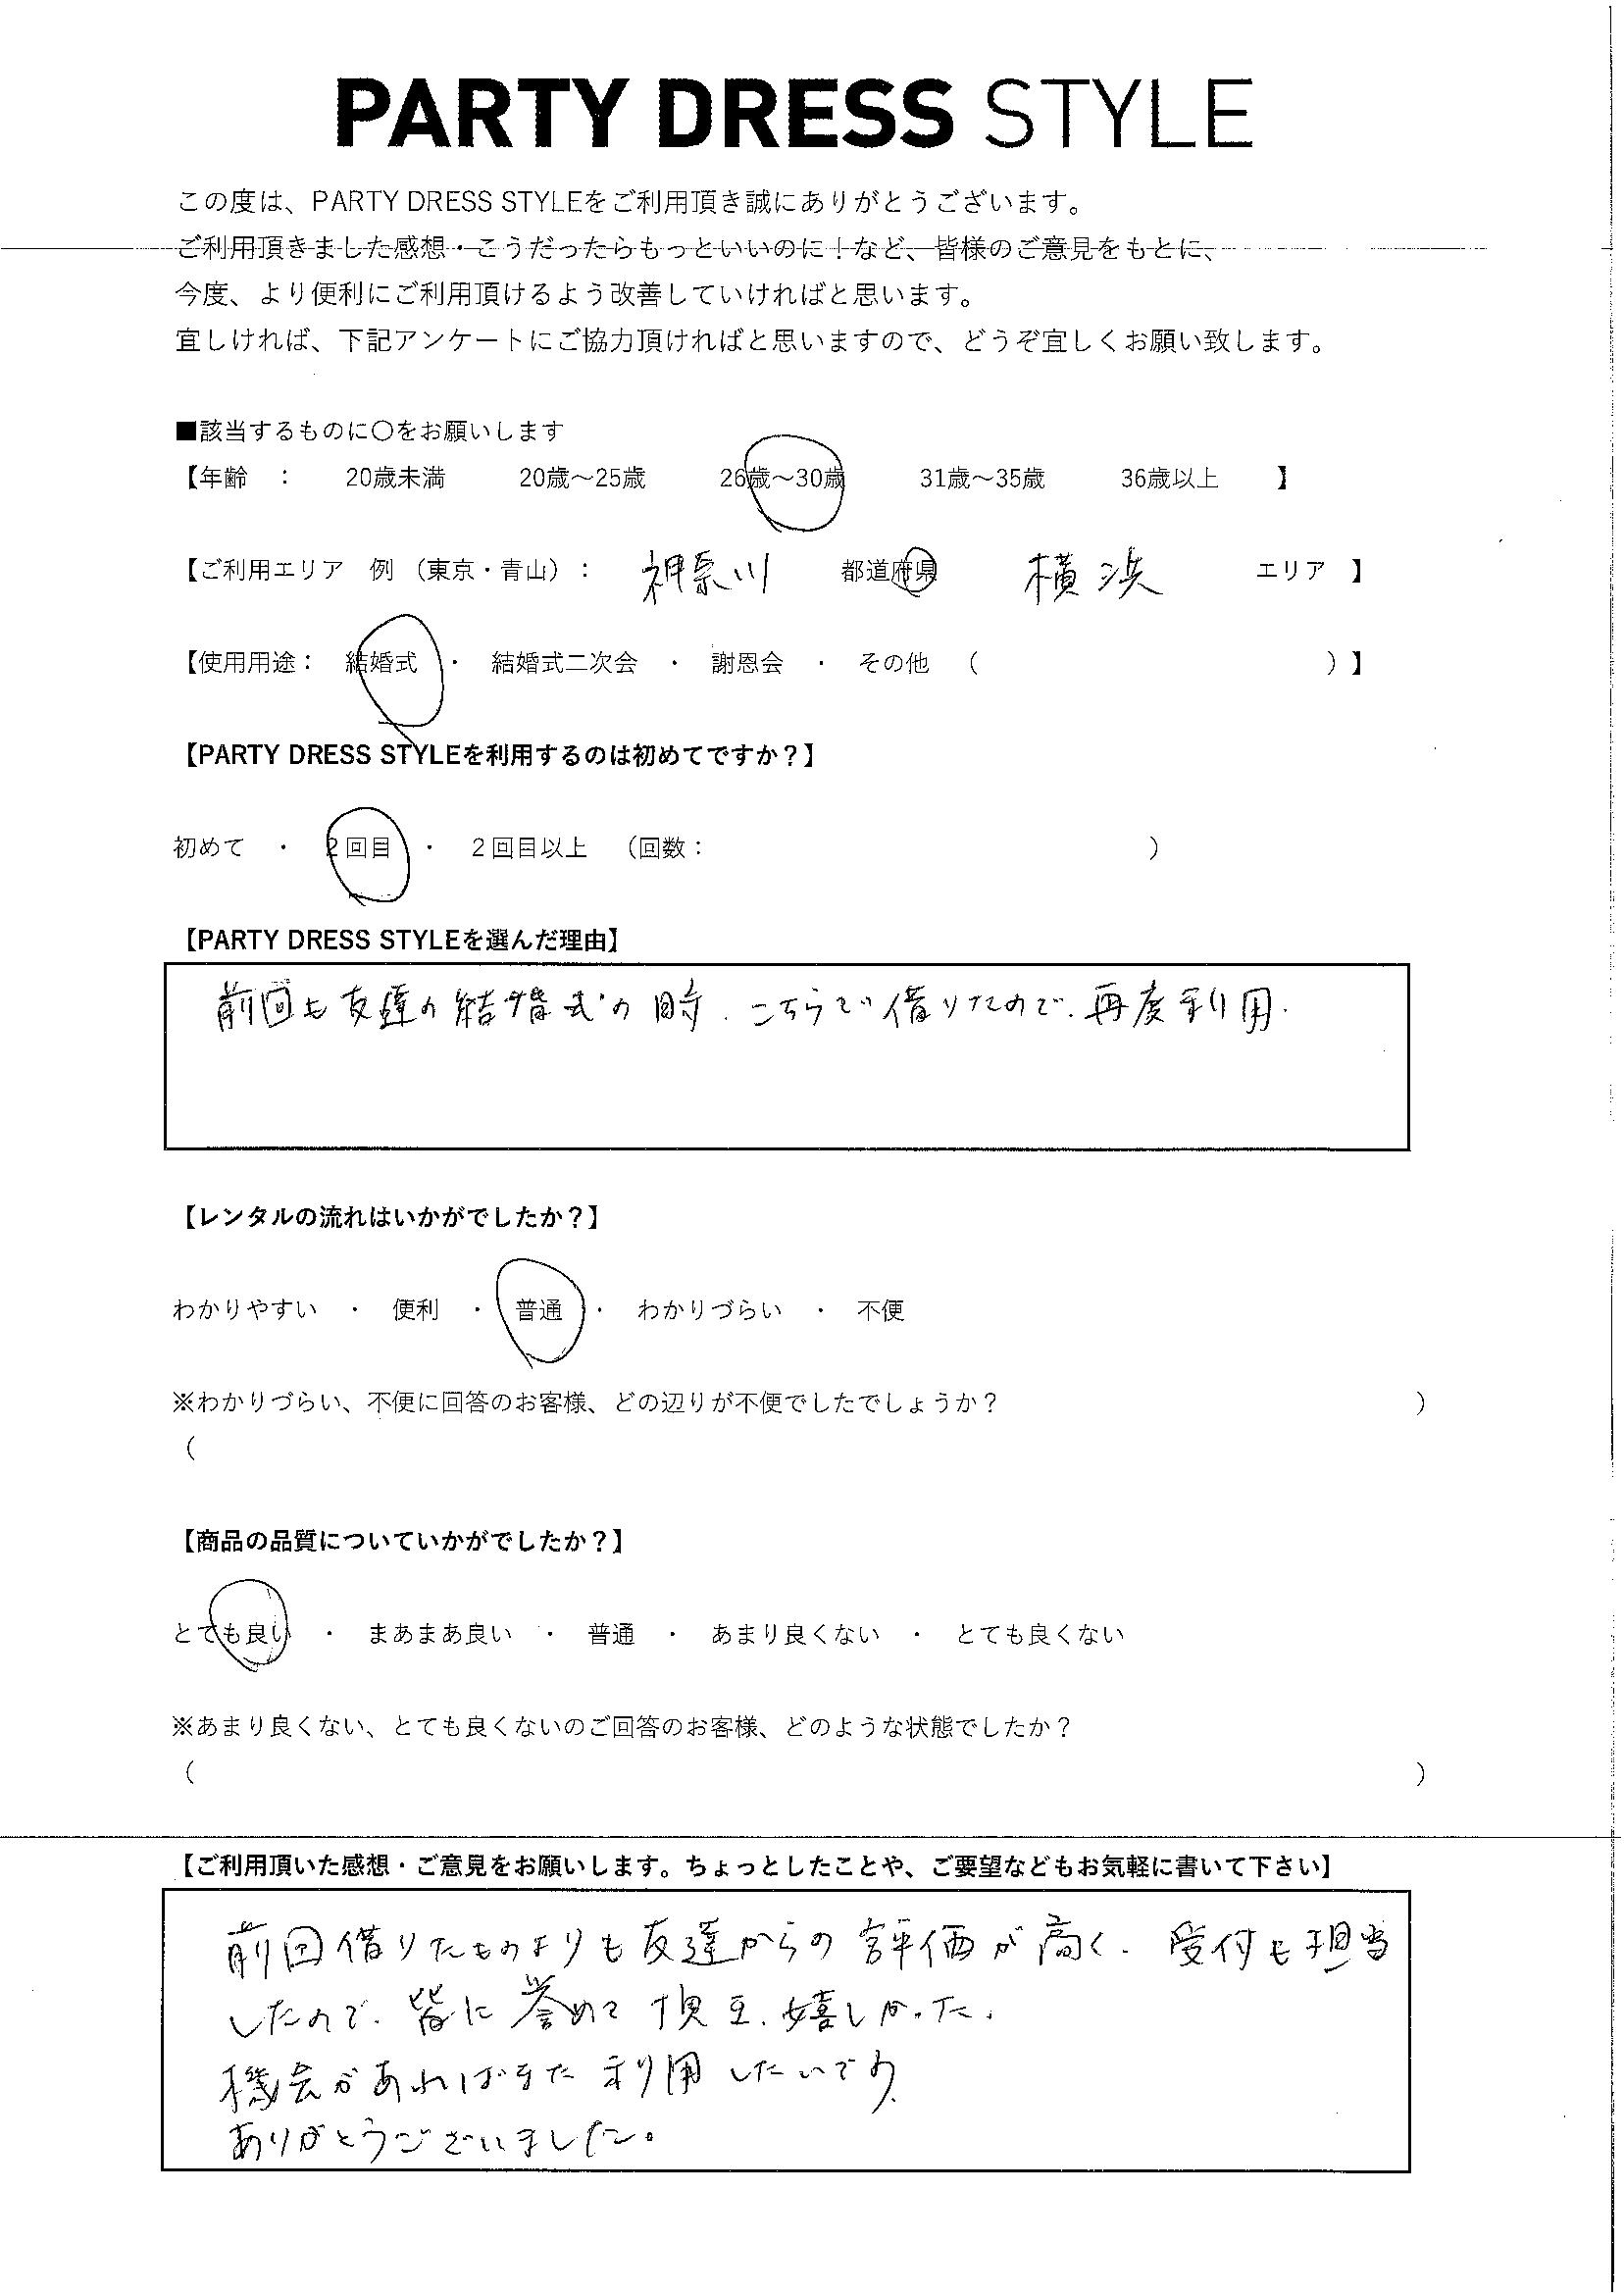 12/15結婚式ご利用 神奈川・横浜エリア